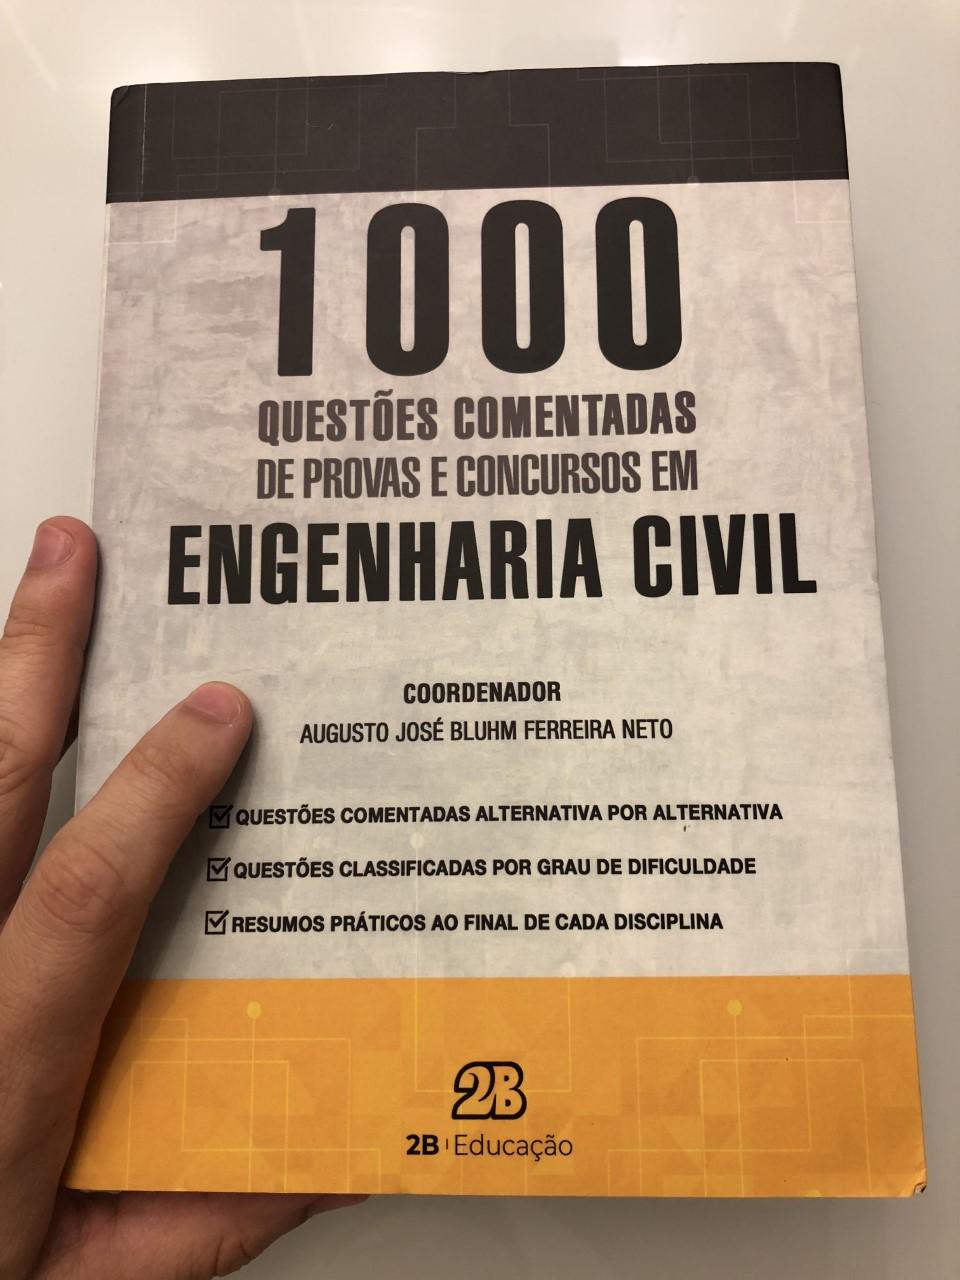 1000 questões comentadas engenharia civil editora 2b